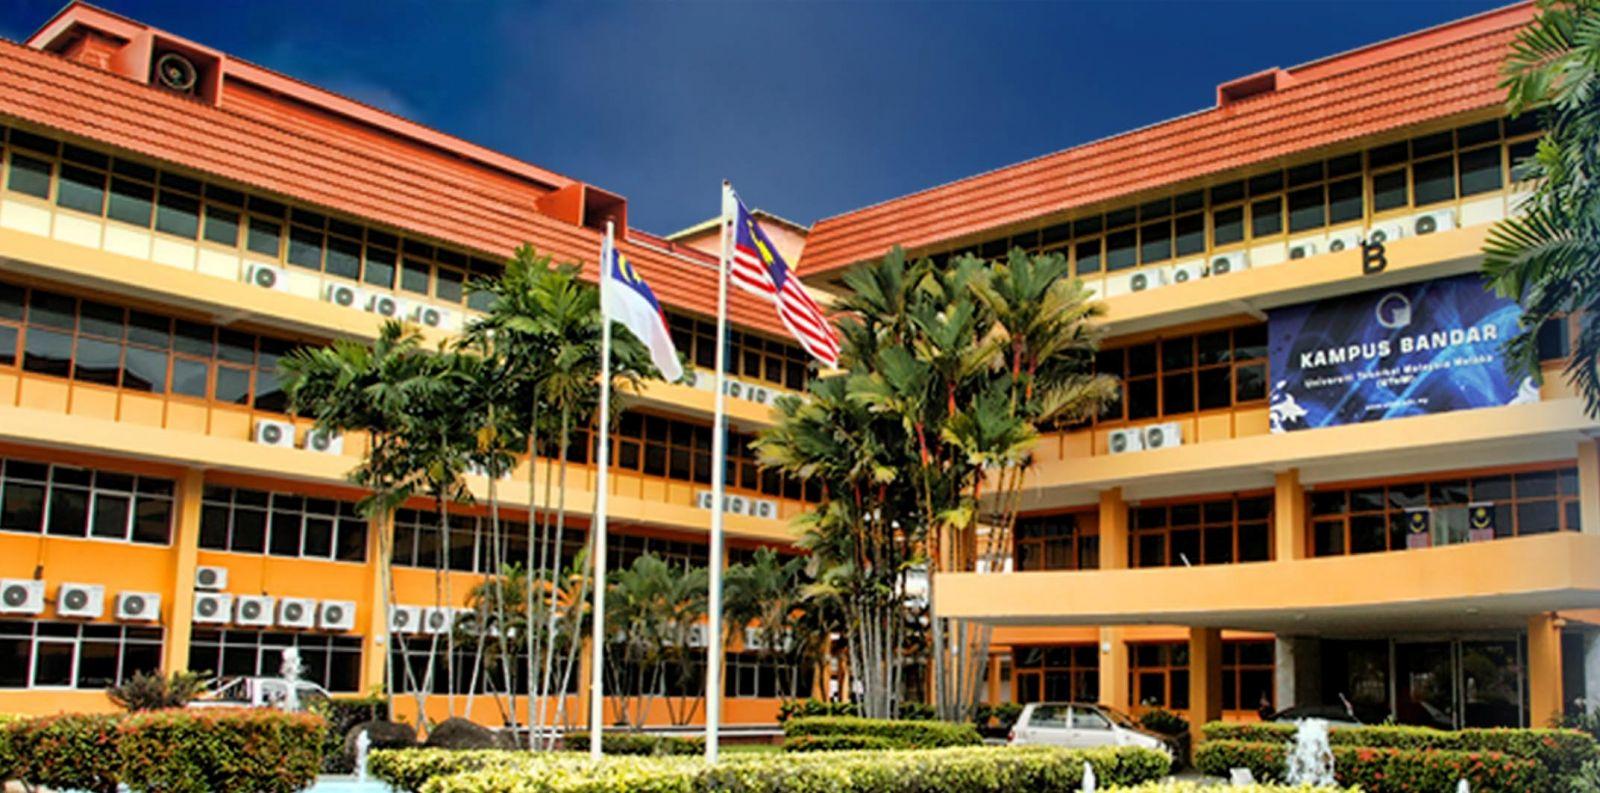 Technical University of Malaysia Melaka (UTem)